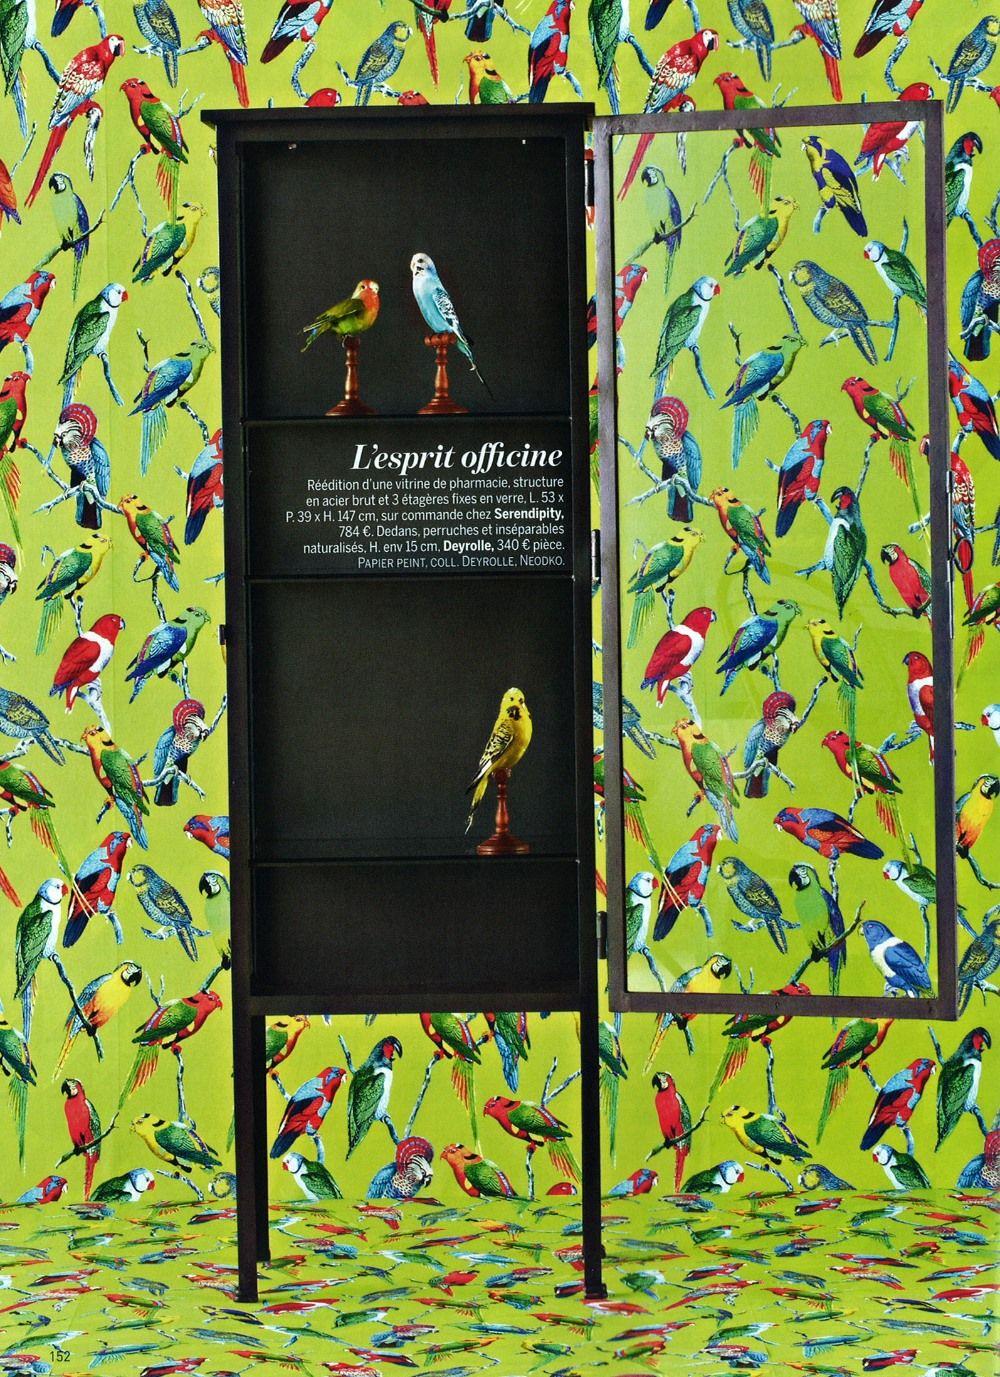 Papier Peint Avec Perroquet papier peint perroquets édité par deyrolle : https://www